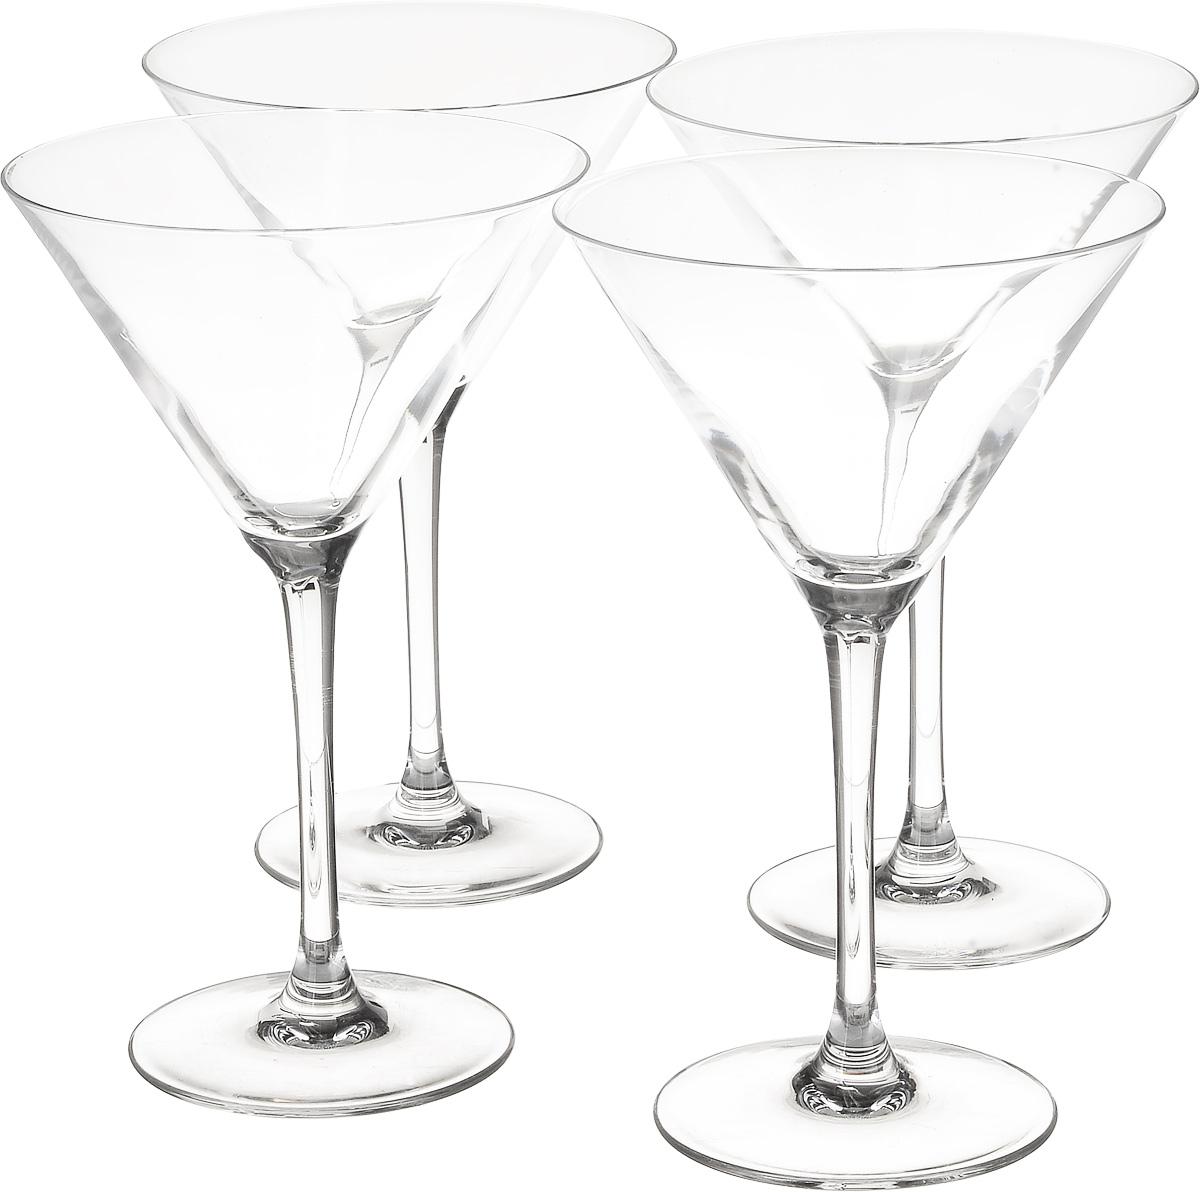 Набор бокалов для коктейля Luminarc World Cocktail, 300 мл, 4 шт набор бокалов для коктейлей luminarc домино 140 мл 4 шт